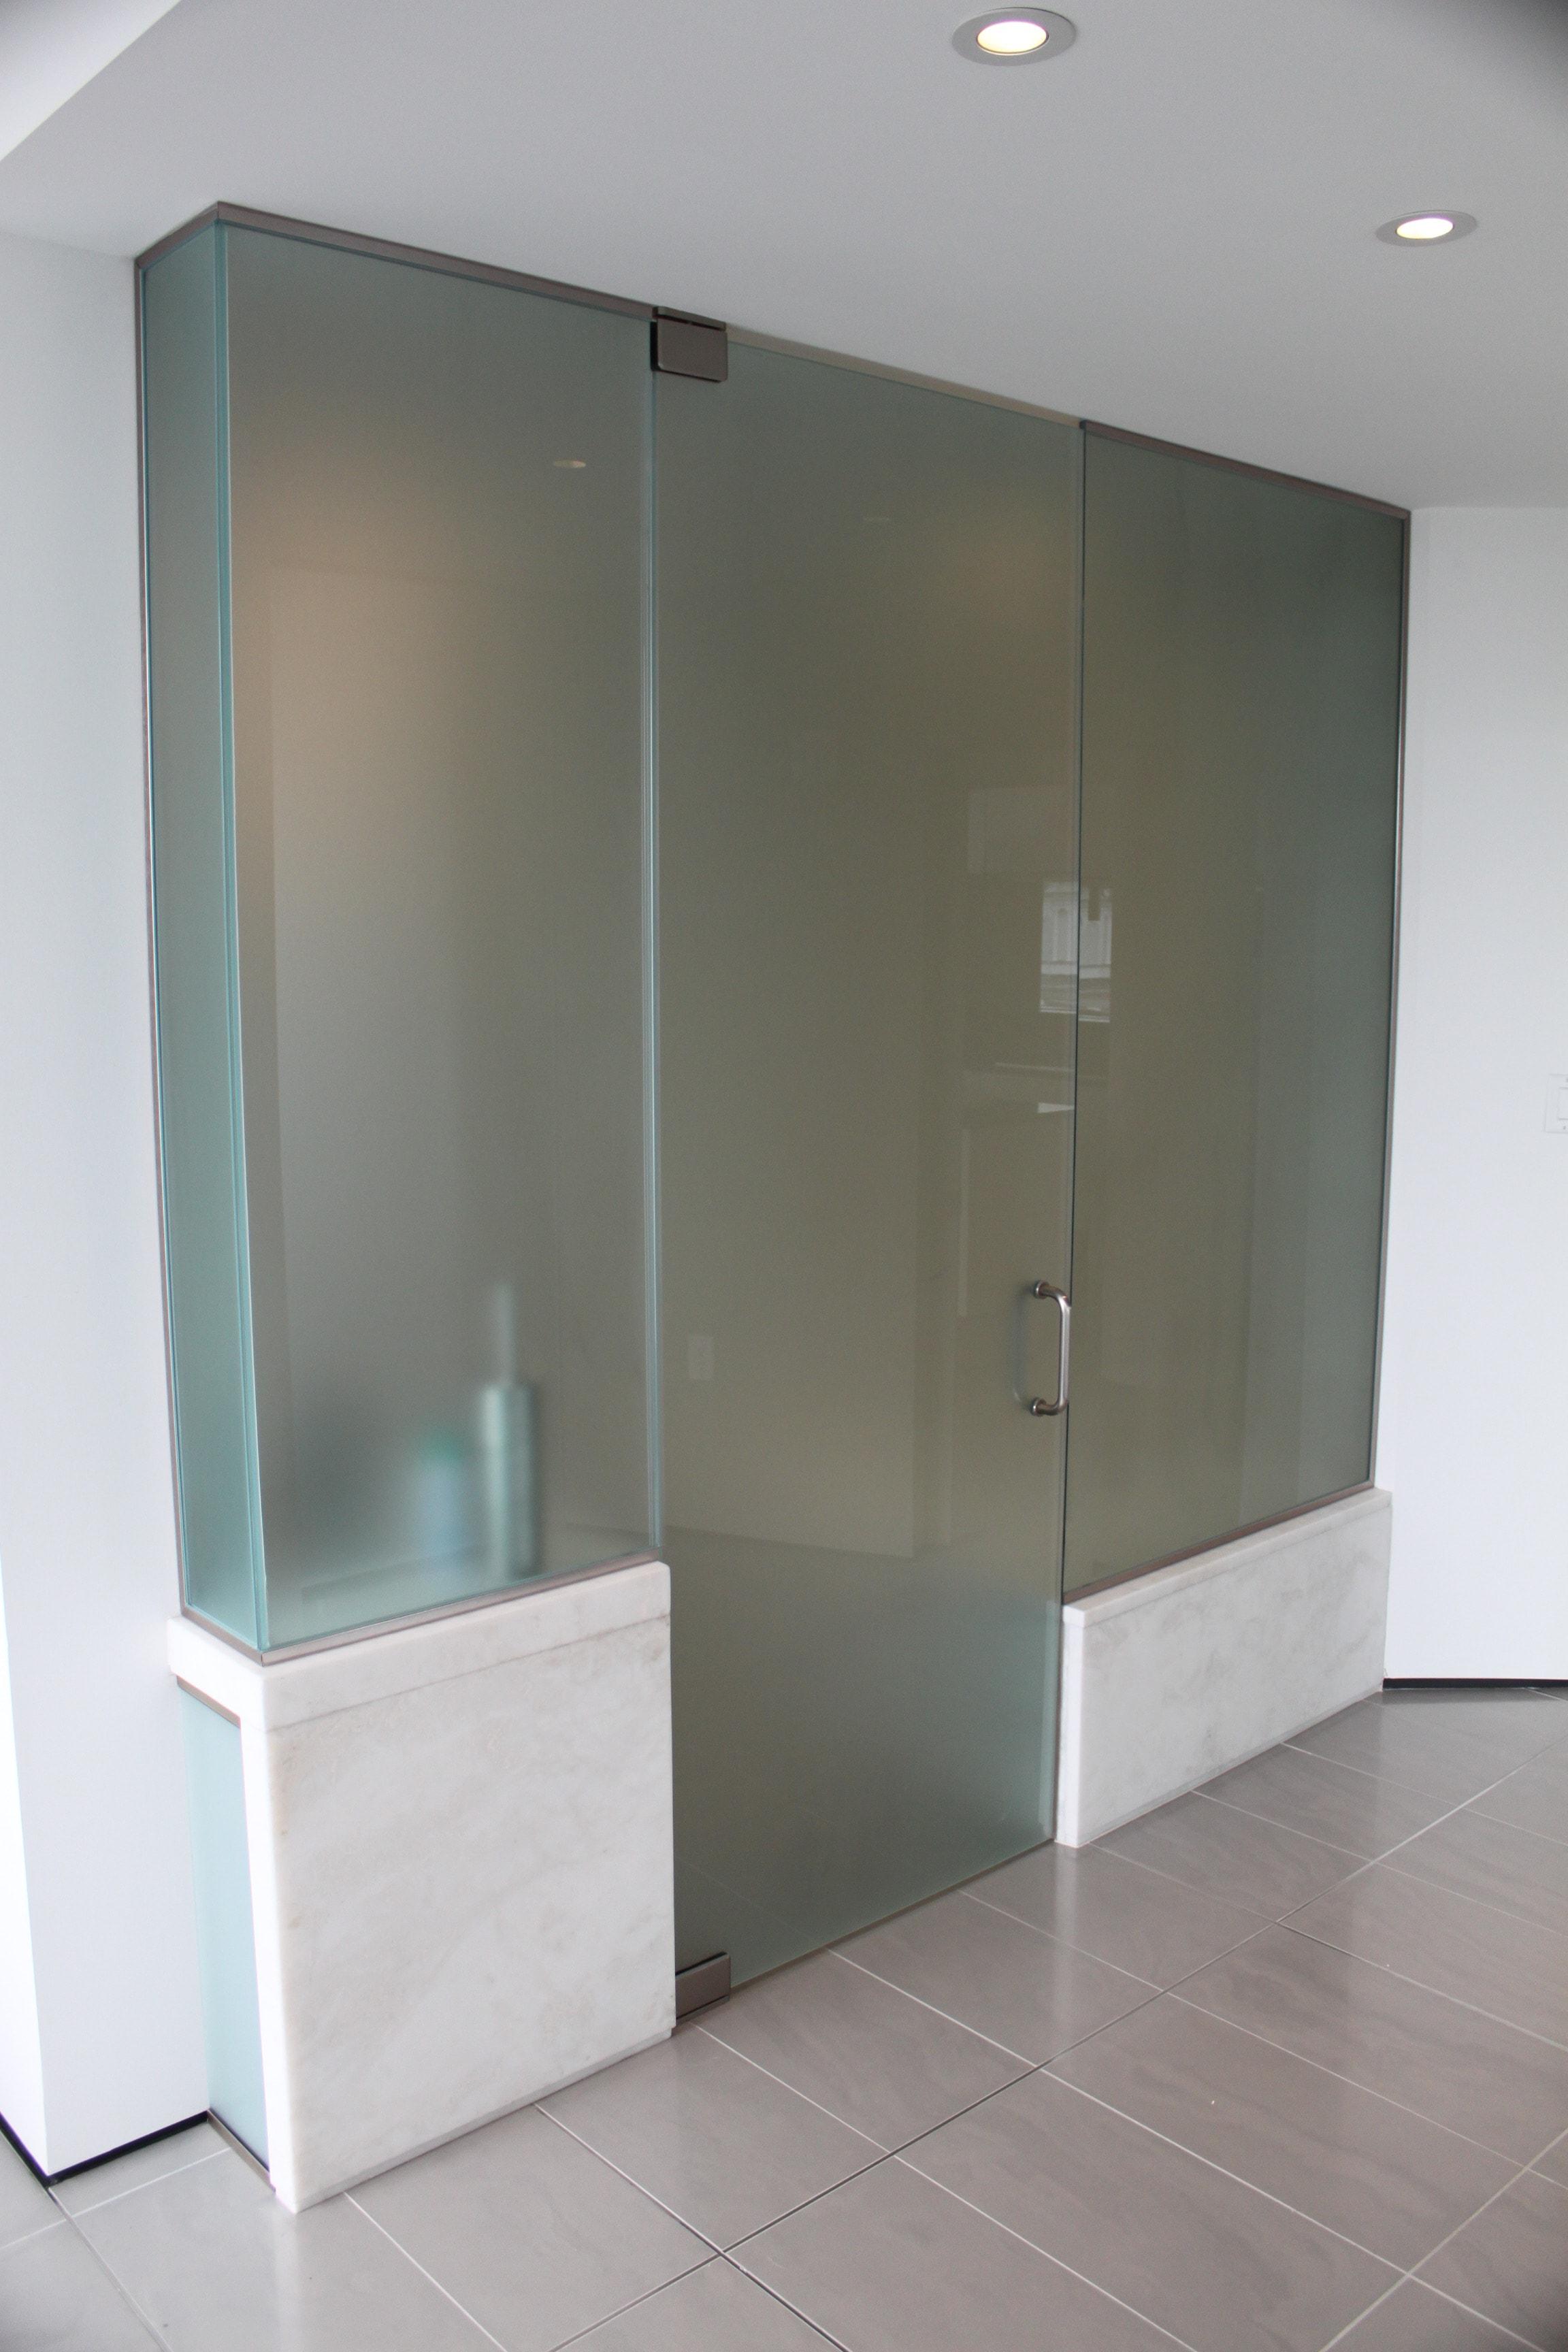 Bathroom Enclosure & Entry Door-min